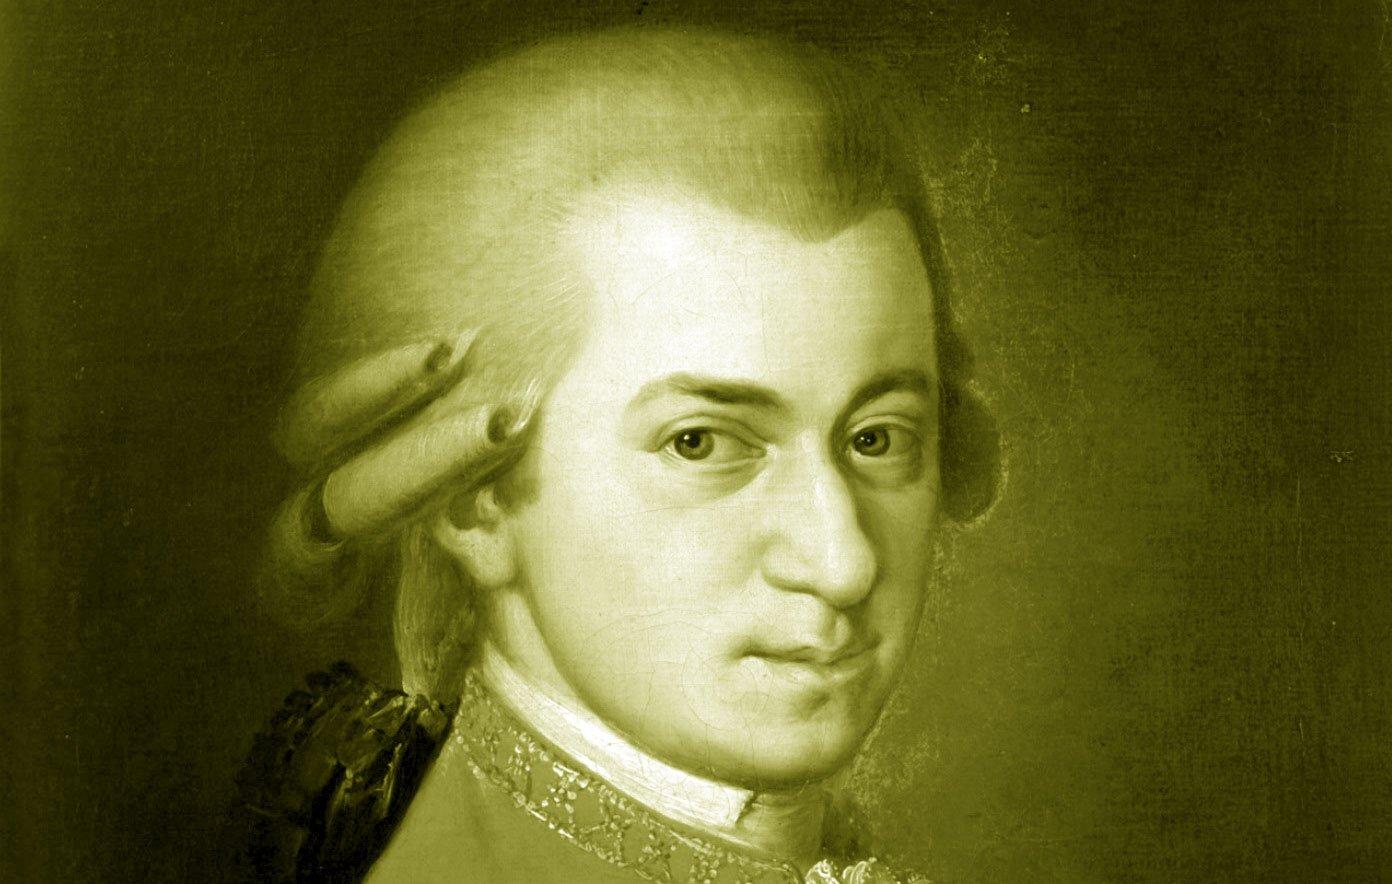 Mozart – Die Zauberflöte Overture [analysis]